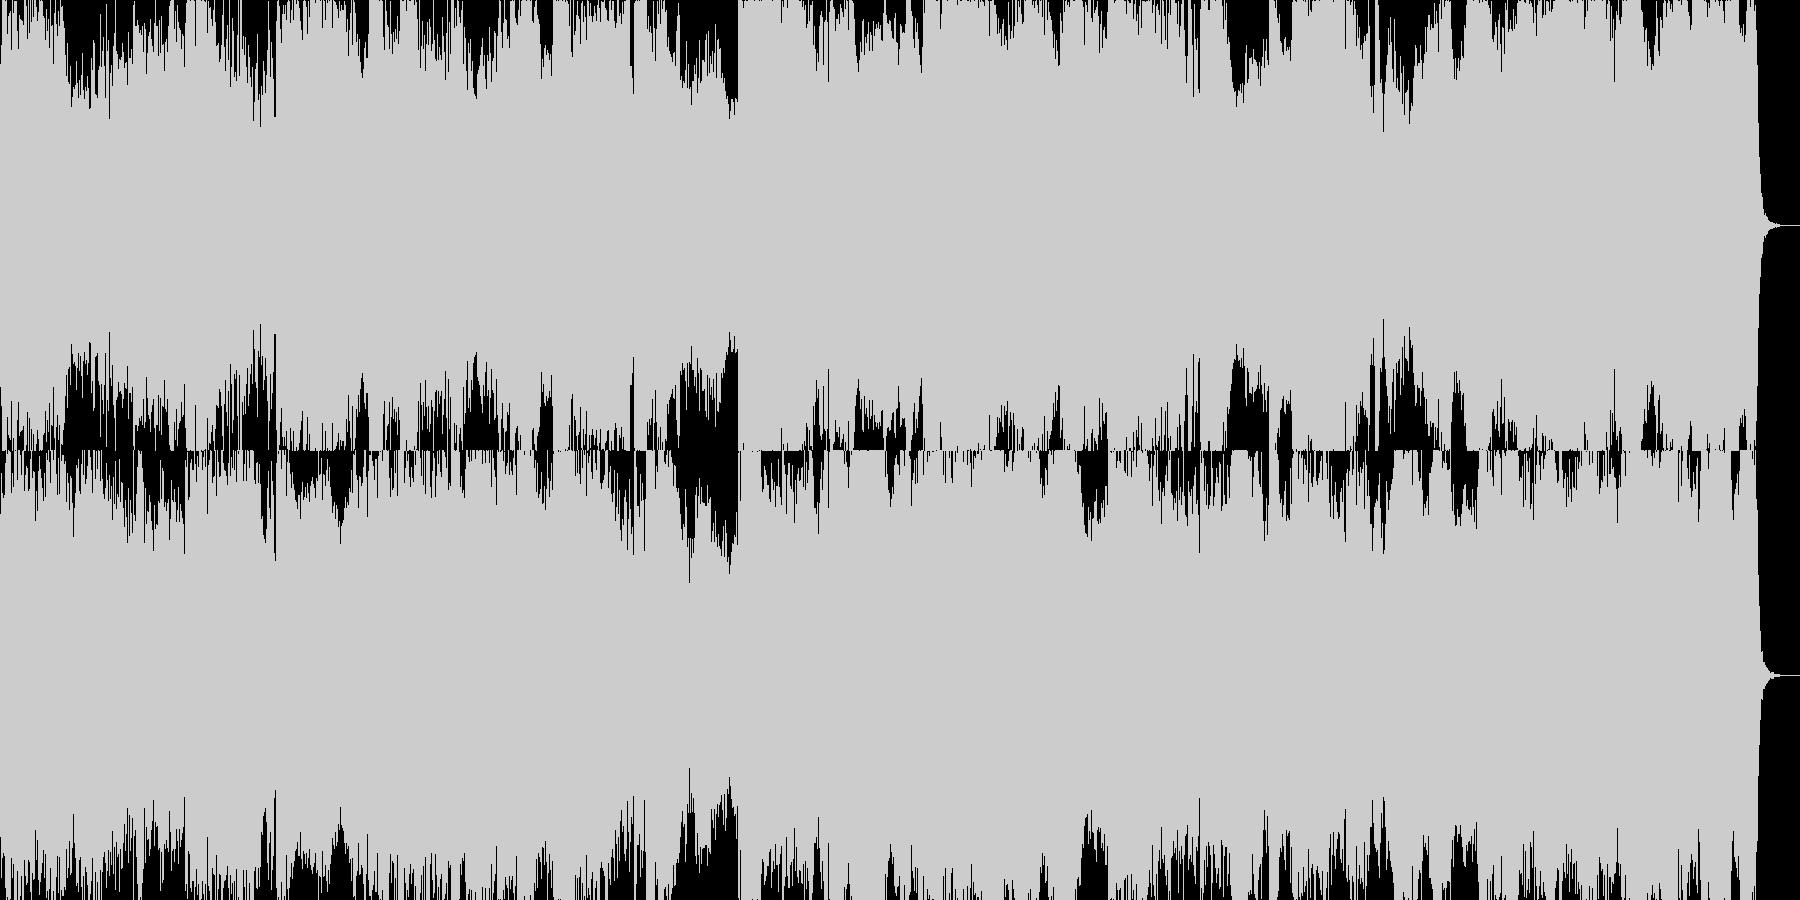 序章・オープニング用プレリュードの未再生の波形